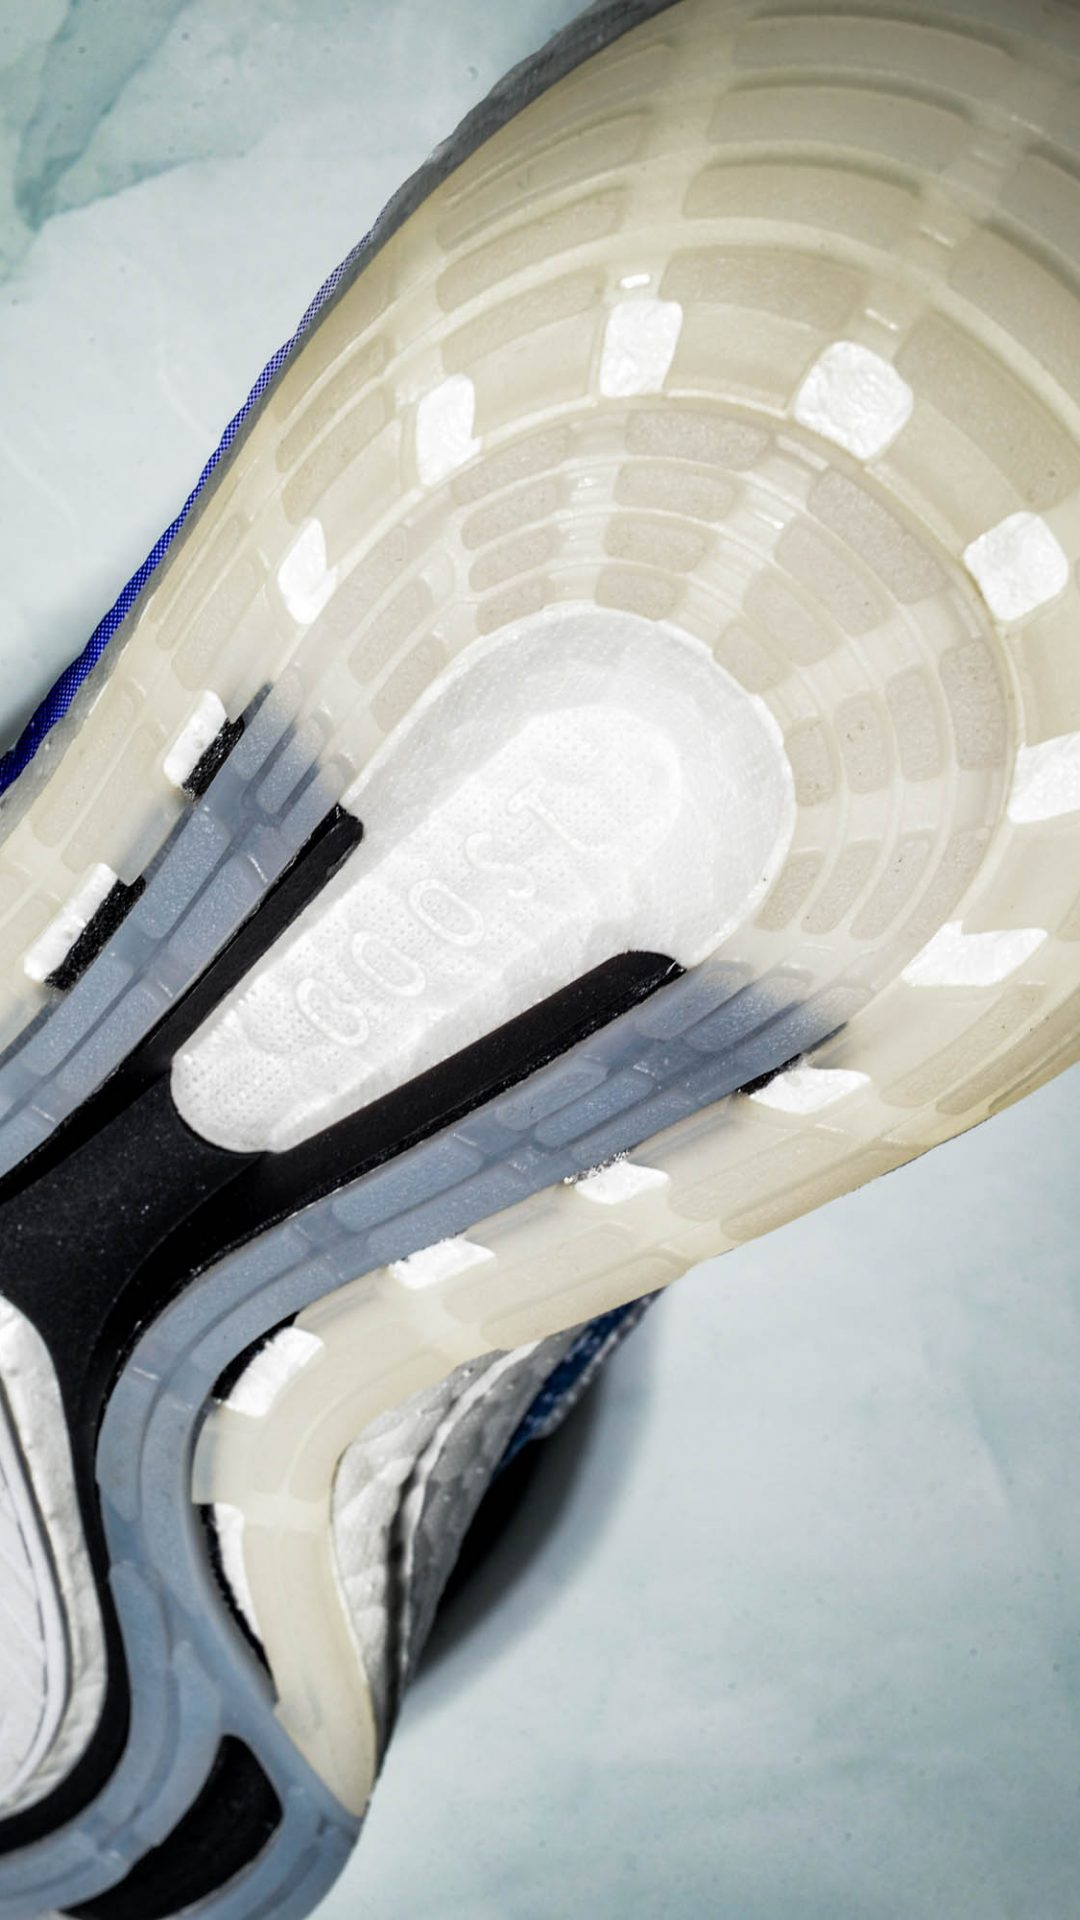 202105-adidas-ultraboost-21-primeblue-sustainable-9001-2